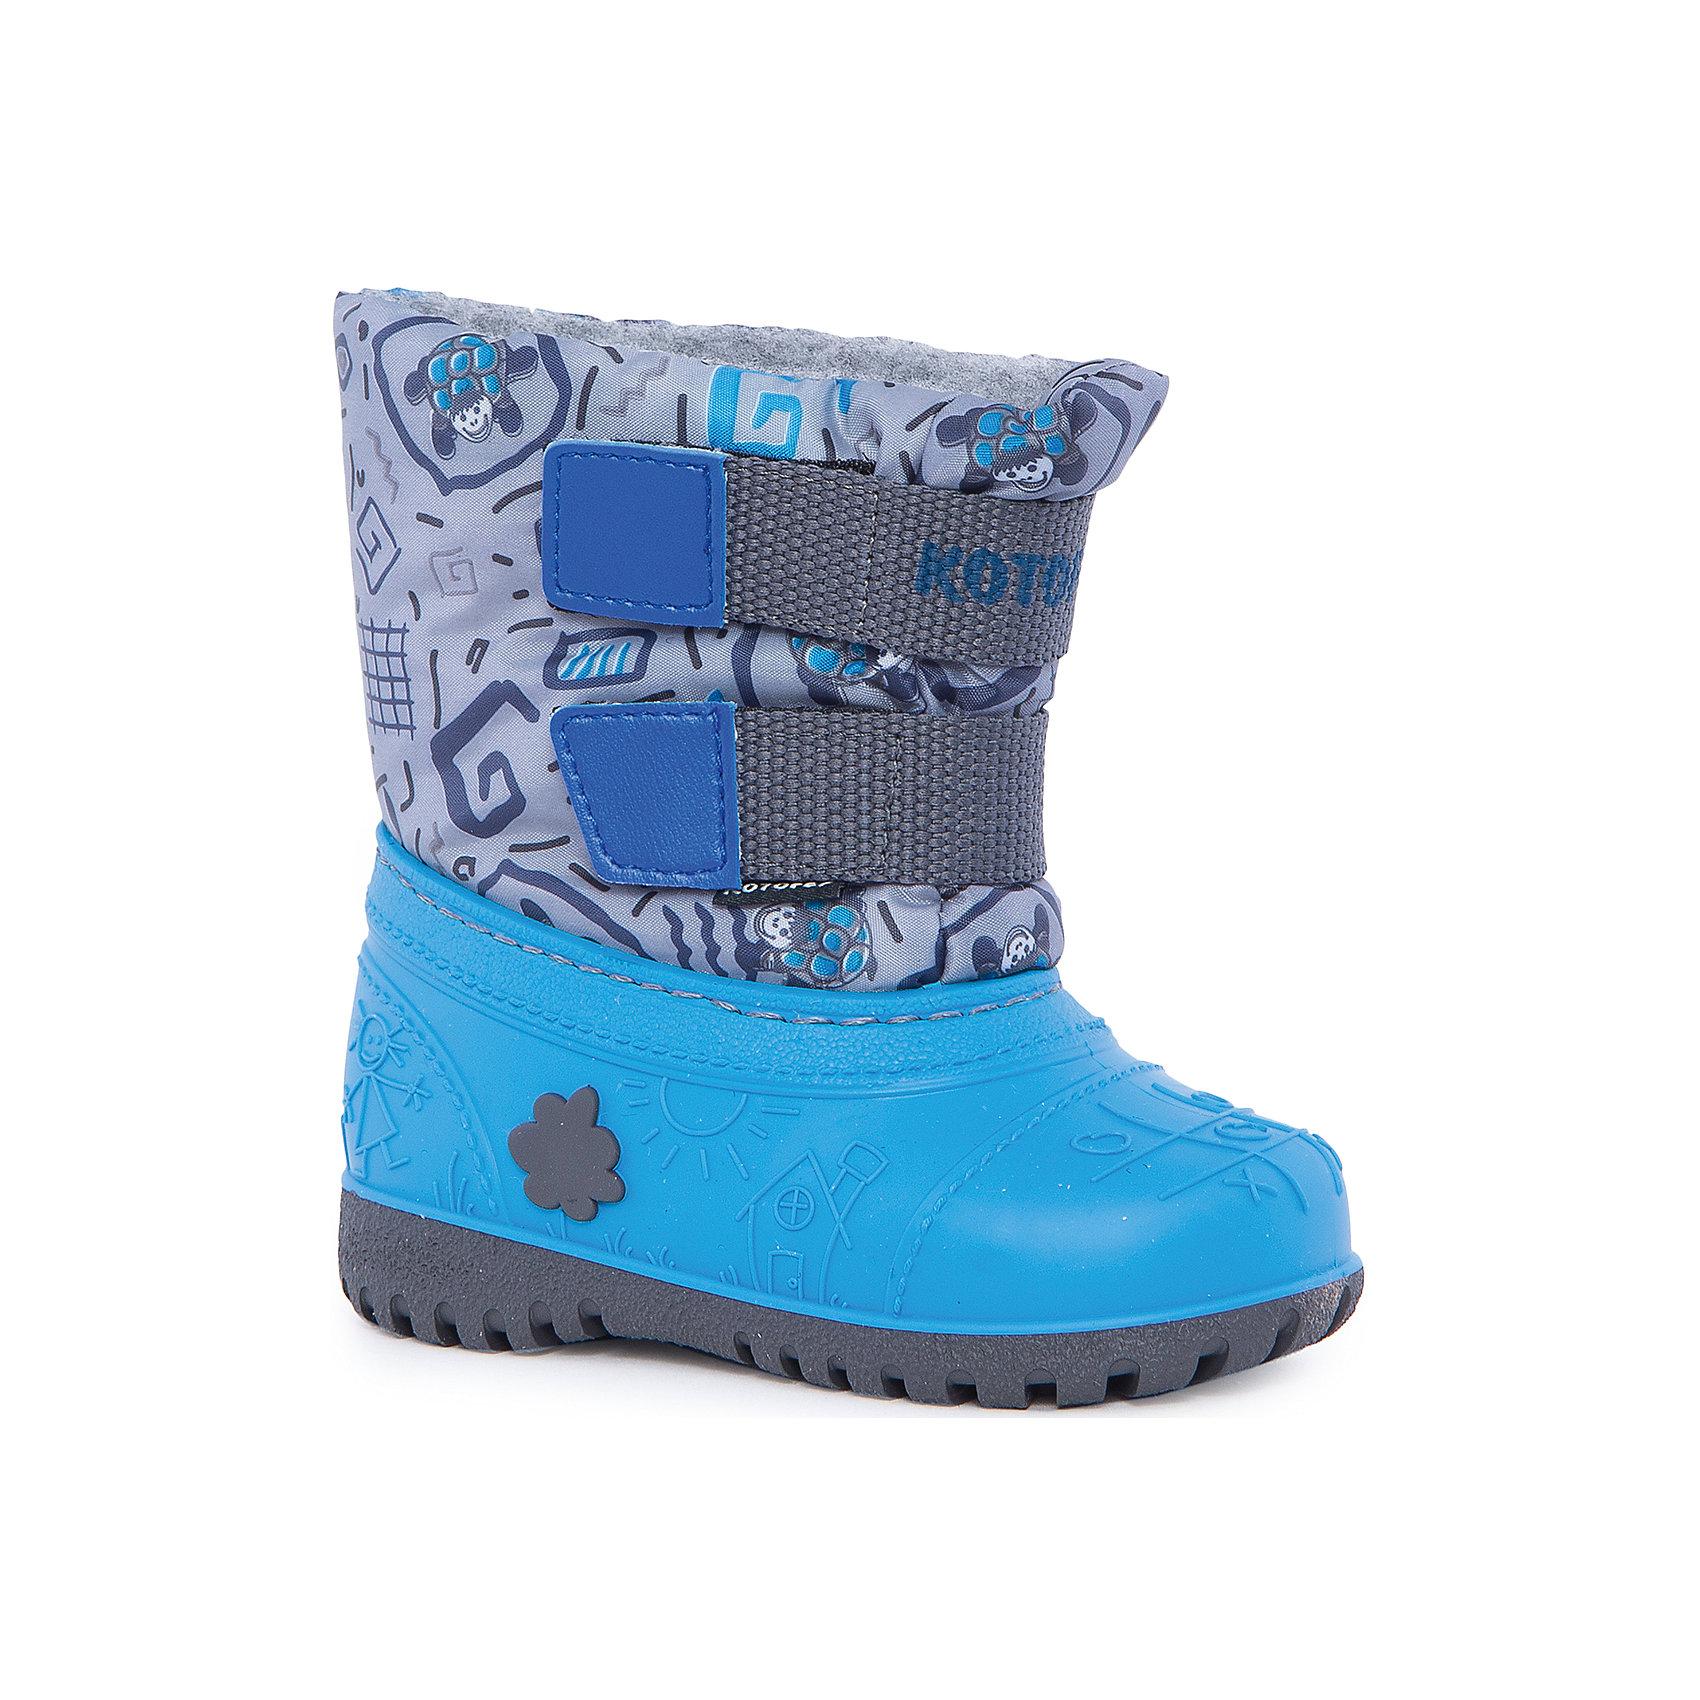 Сапоги для мальчика КотофейРезиновые сапоги<br>Котофей – качественная и стильная детская обувь по доступным ценам. С каждым днем популярность бренда растет.  При выборе обуви важно следить, чтобы модель была не только красивой и удобной, то и теплой, а так же защищала ножки малыша от промокания. Сочетание резиновых сапог и теплых зимних ботинок создало уникальную модель из новой коллекции.<br><br>Дополнительная информация:<br><br>цвет: серо-голубой;<br>вид крепления: прошивной;<br>застежка: липучка;<br>температурный режим: от -15 °С до +5° С.<br><br>Состав:<br>материал верха – комбинированный;<br>подкладка – мех шерстяной;<br>подошва – мегол.<br><br>Зимние сапожки из прочных и качественных материалов для мальчика ясельного возраста от фирмы Котофей можно приобрести у нас в магазине.<br><br>Ширина мм: 257<br>Глубина мм: 180<br>Высота мм: 130<br>Вес г: 420<br>Цвет: сине-серый<br>Возраст от месяцев: 24<br>Возраст до месяцев: 36<br>Пол: Мужской<br>Возраст: Детский<br>Размер: 25/26,21/22,23/24<br>SKU: 4982365